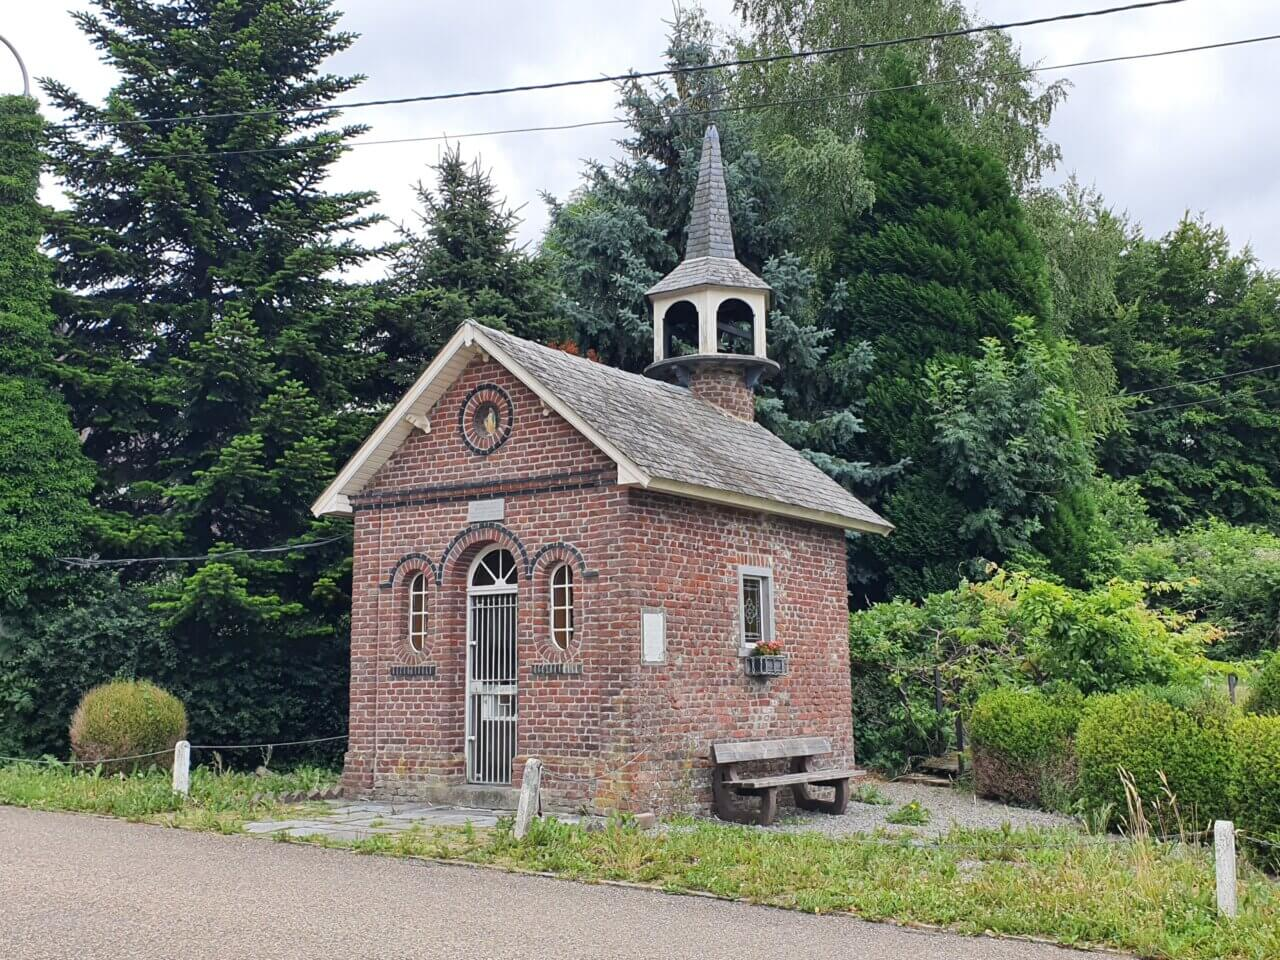 Klein kerkje staat voor de bossen in België, vlakbij Vaals.